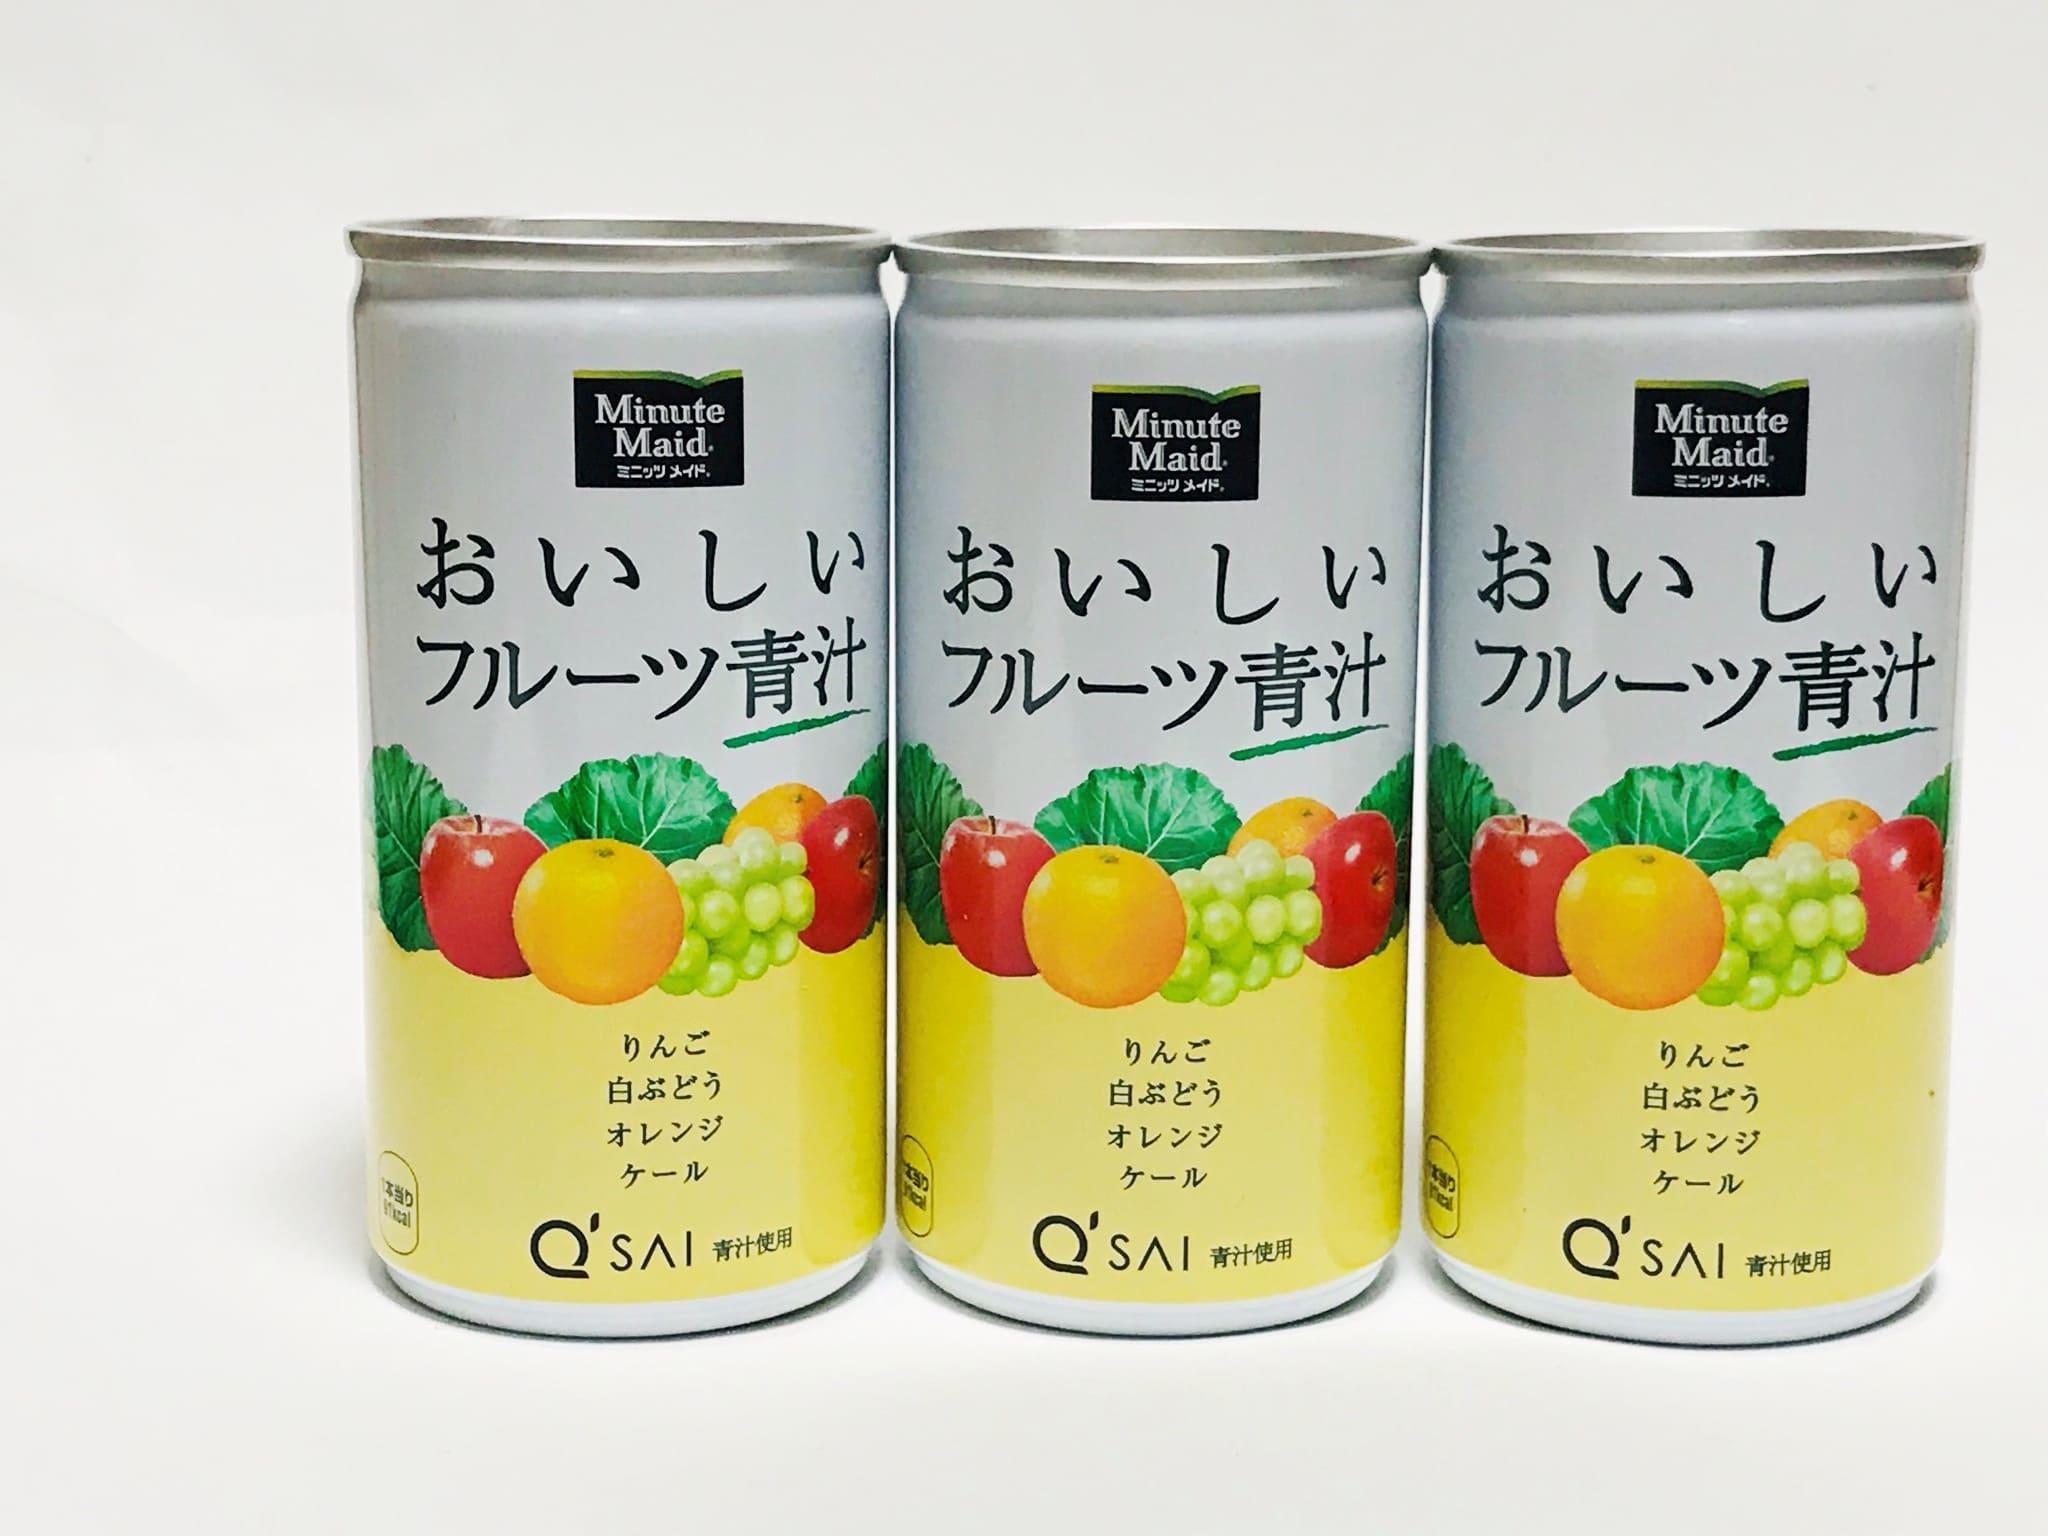 キューサイ「ミニッツ メイド おいしいフルーツ青汁」はまるでジュース!飲みやすいけど効果ある?